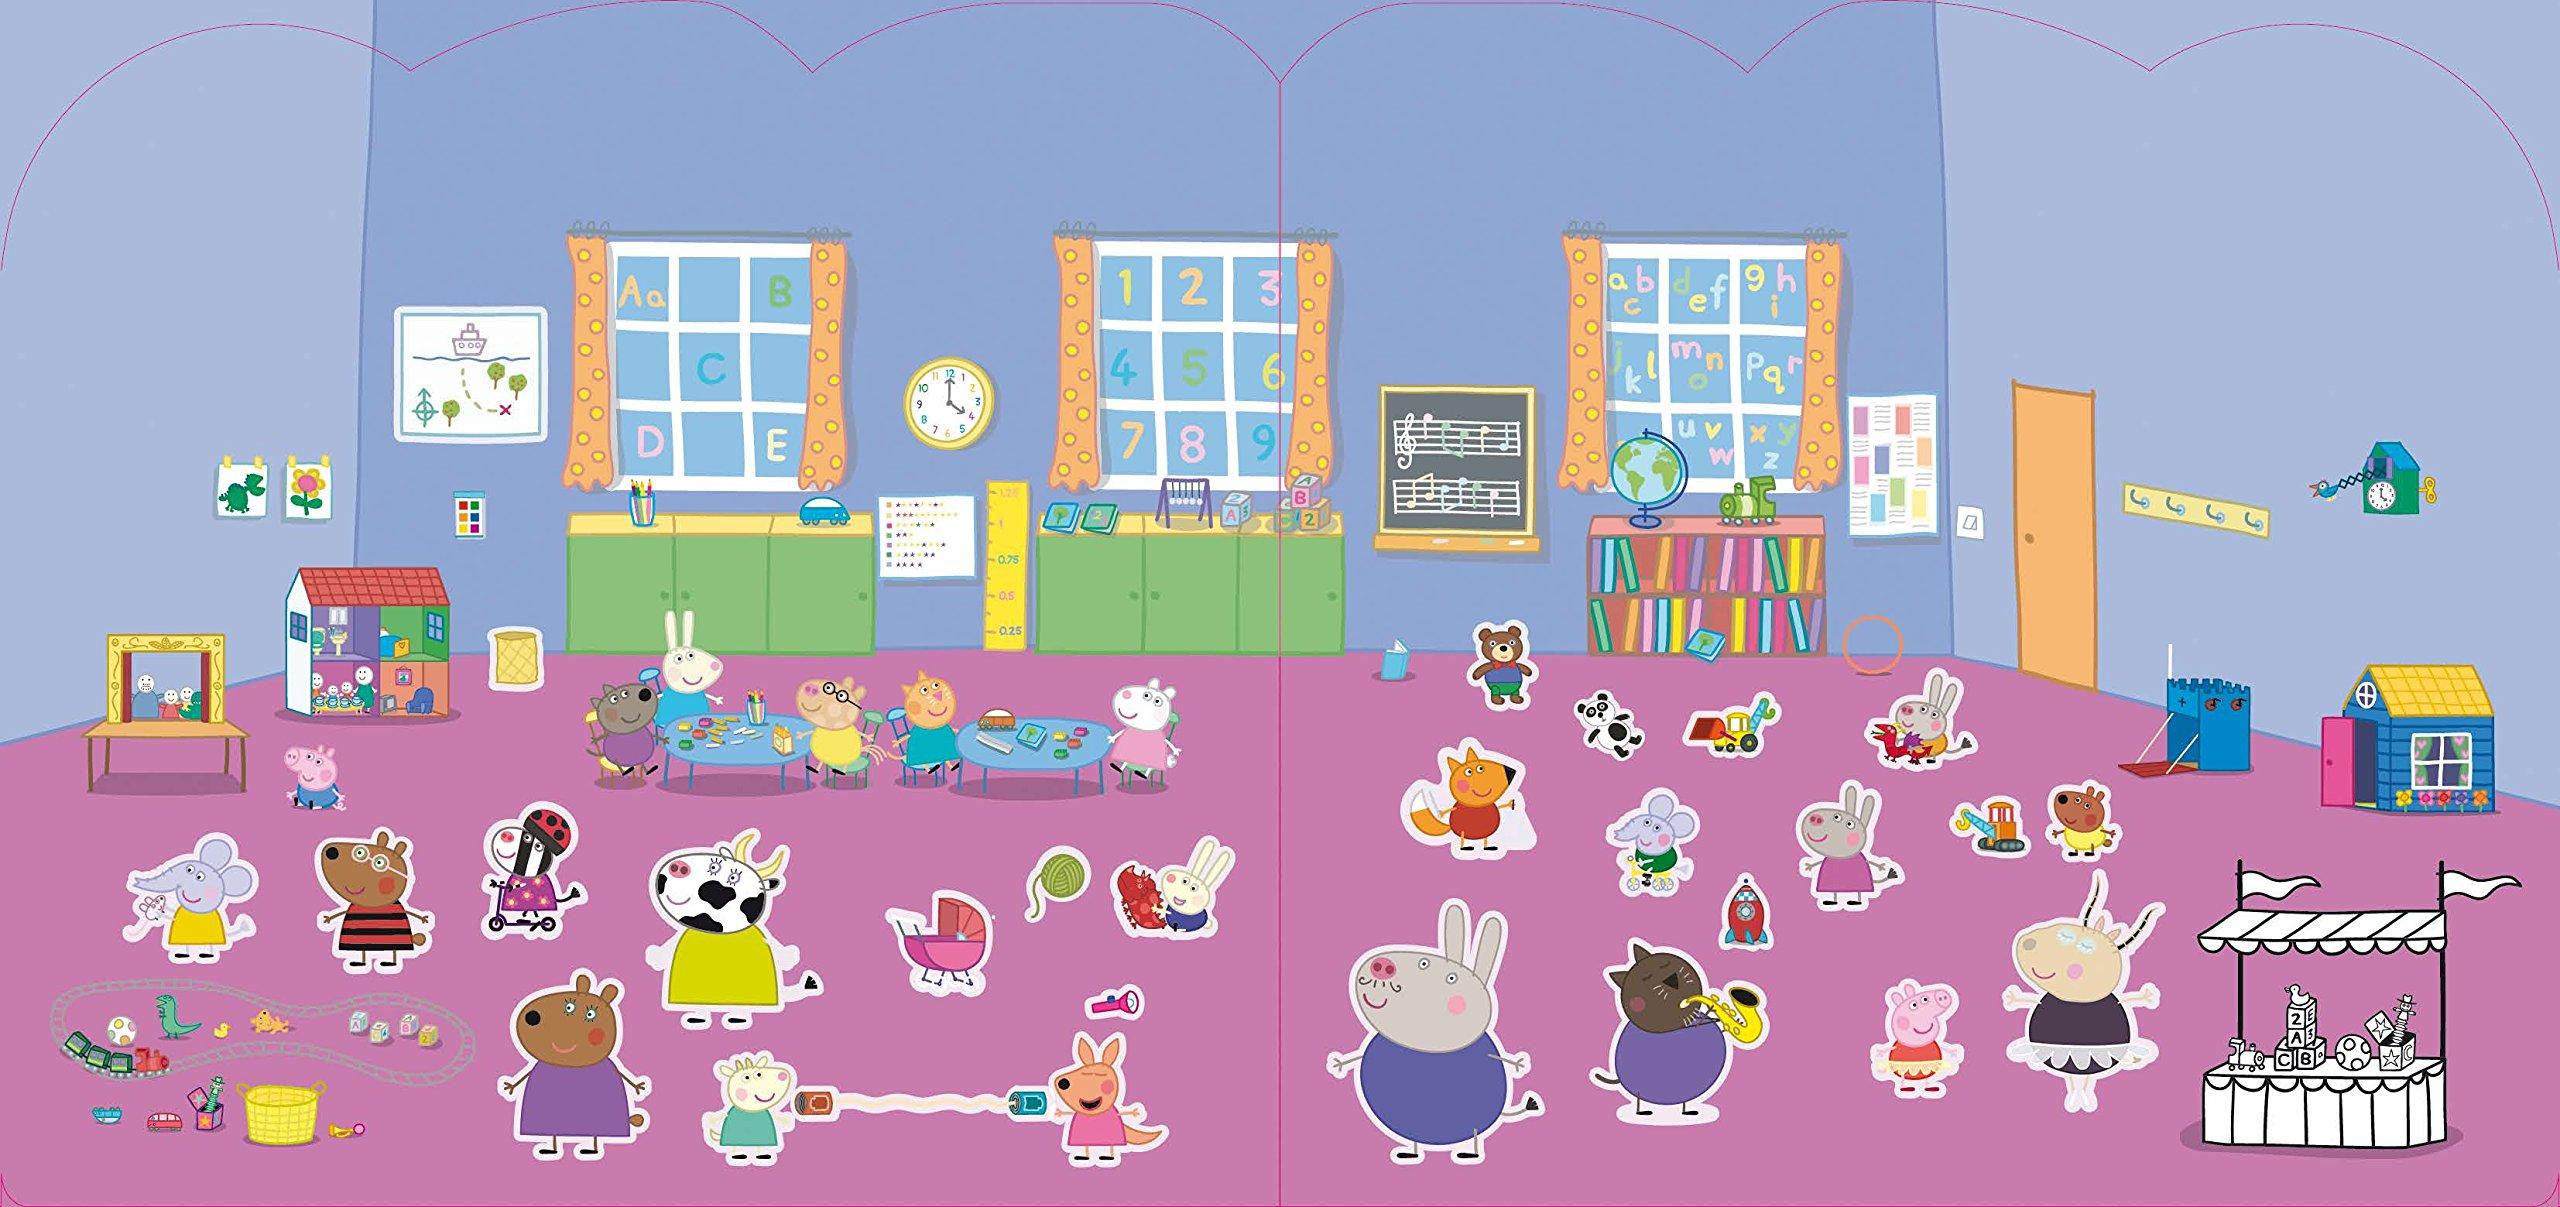 Peppa Pig Stickern Malen Gestalten 250 Sticker Amazonde Bã¼cher